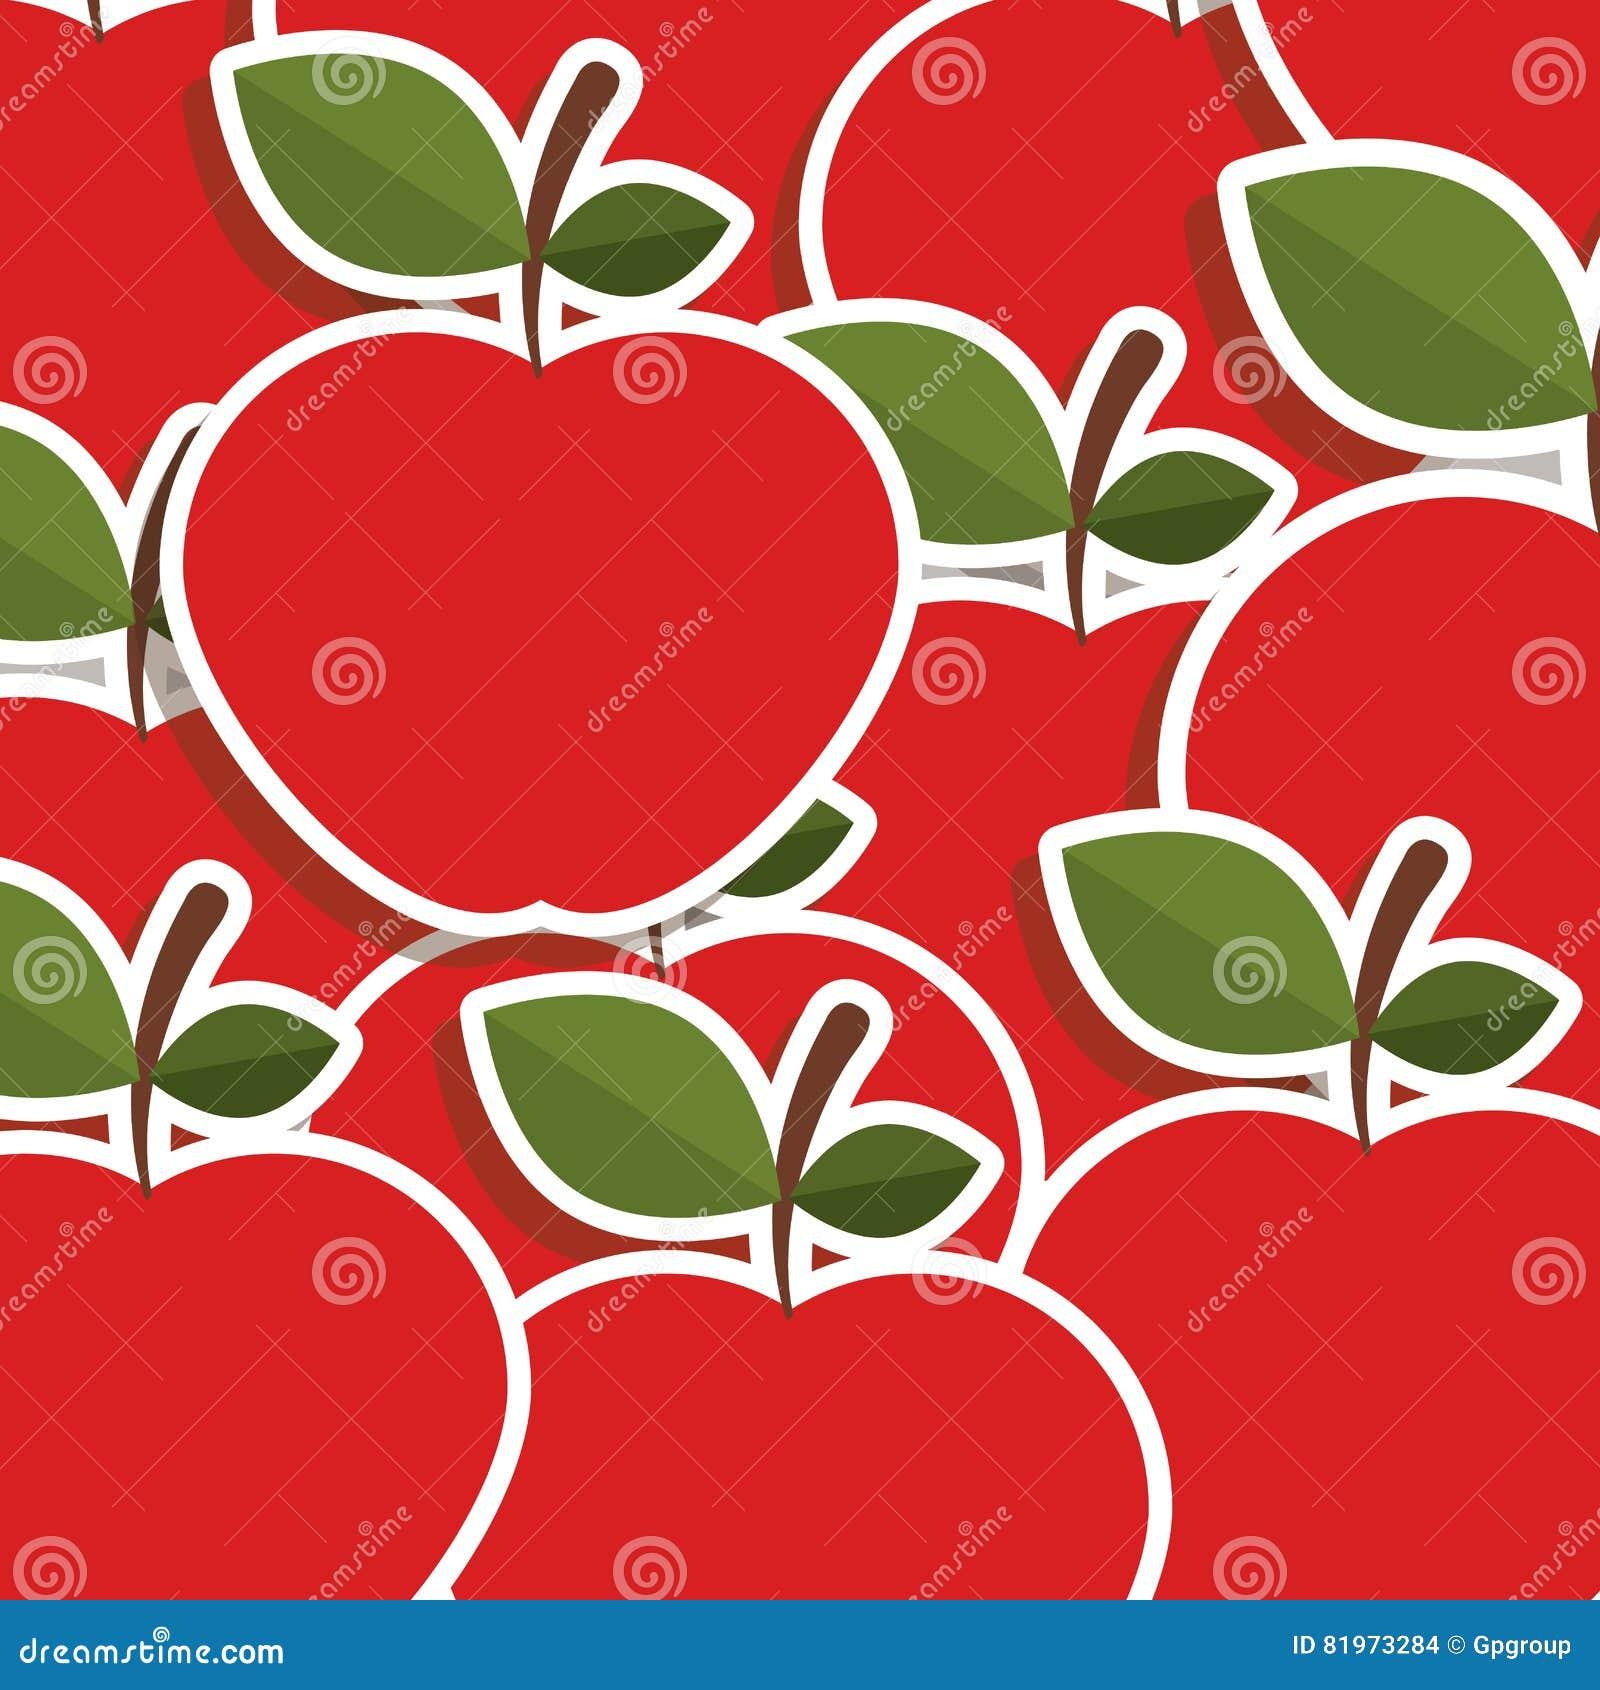 Silhouettieren Sie buntes Muster von Äpfeln mit Stamm und Blättern